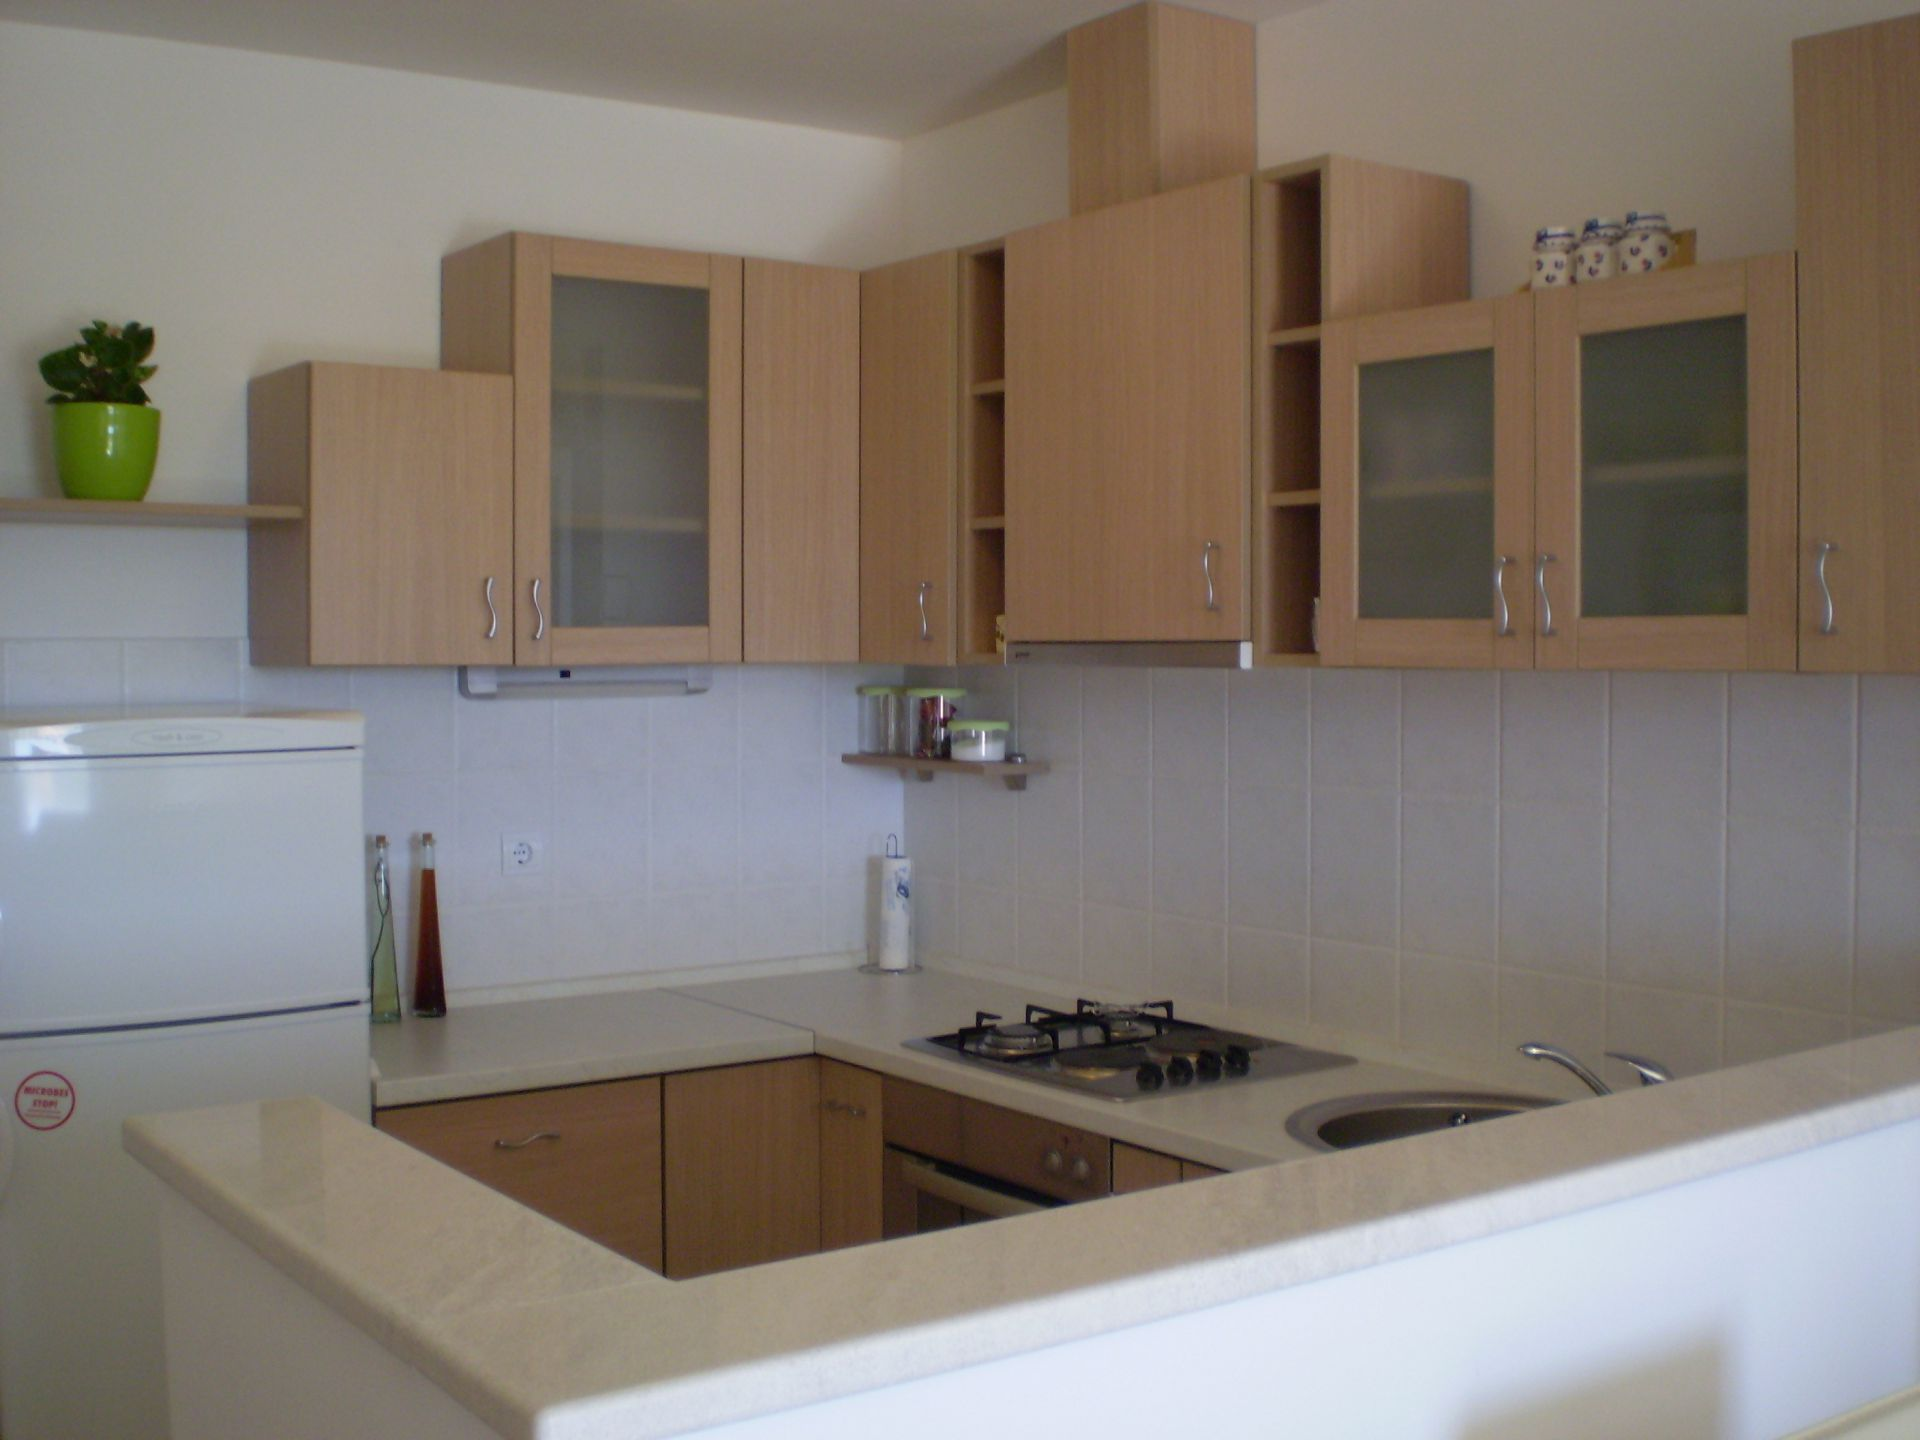 001HVAR - Hvar - Appartementen Kroatië - A1(4): keuken